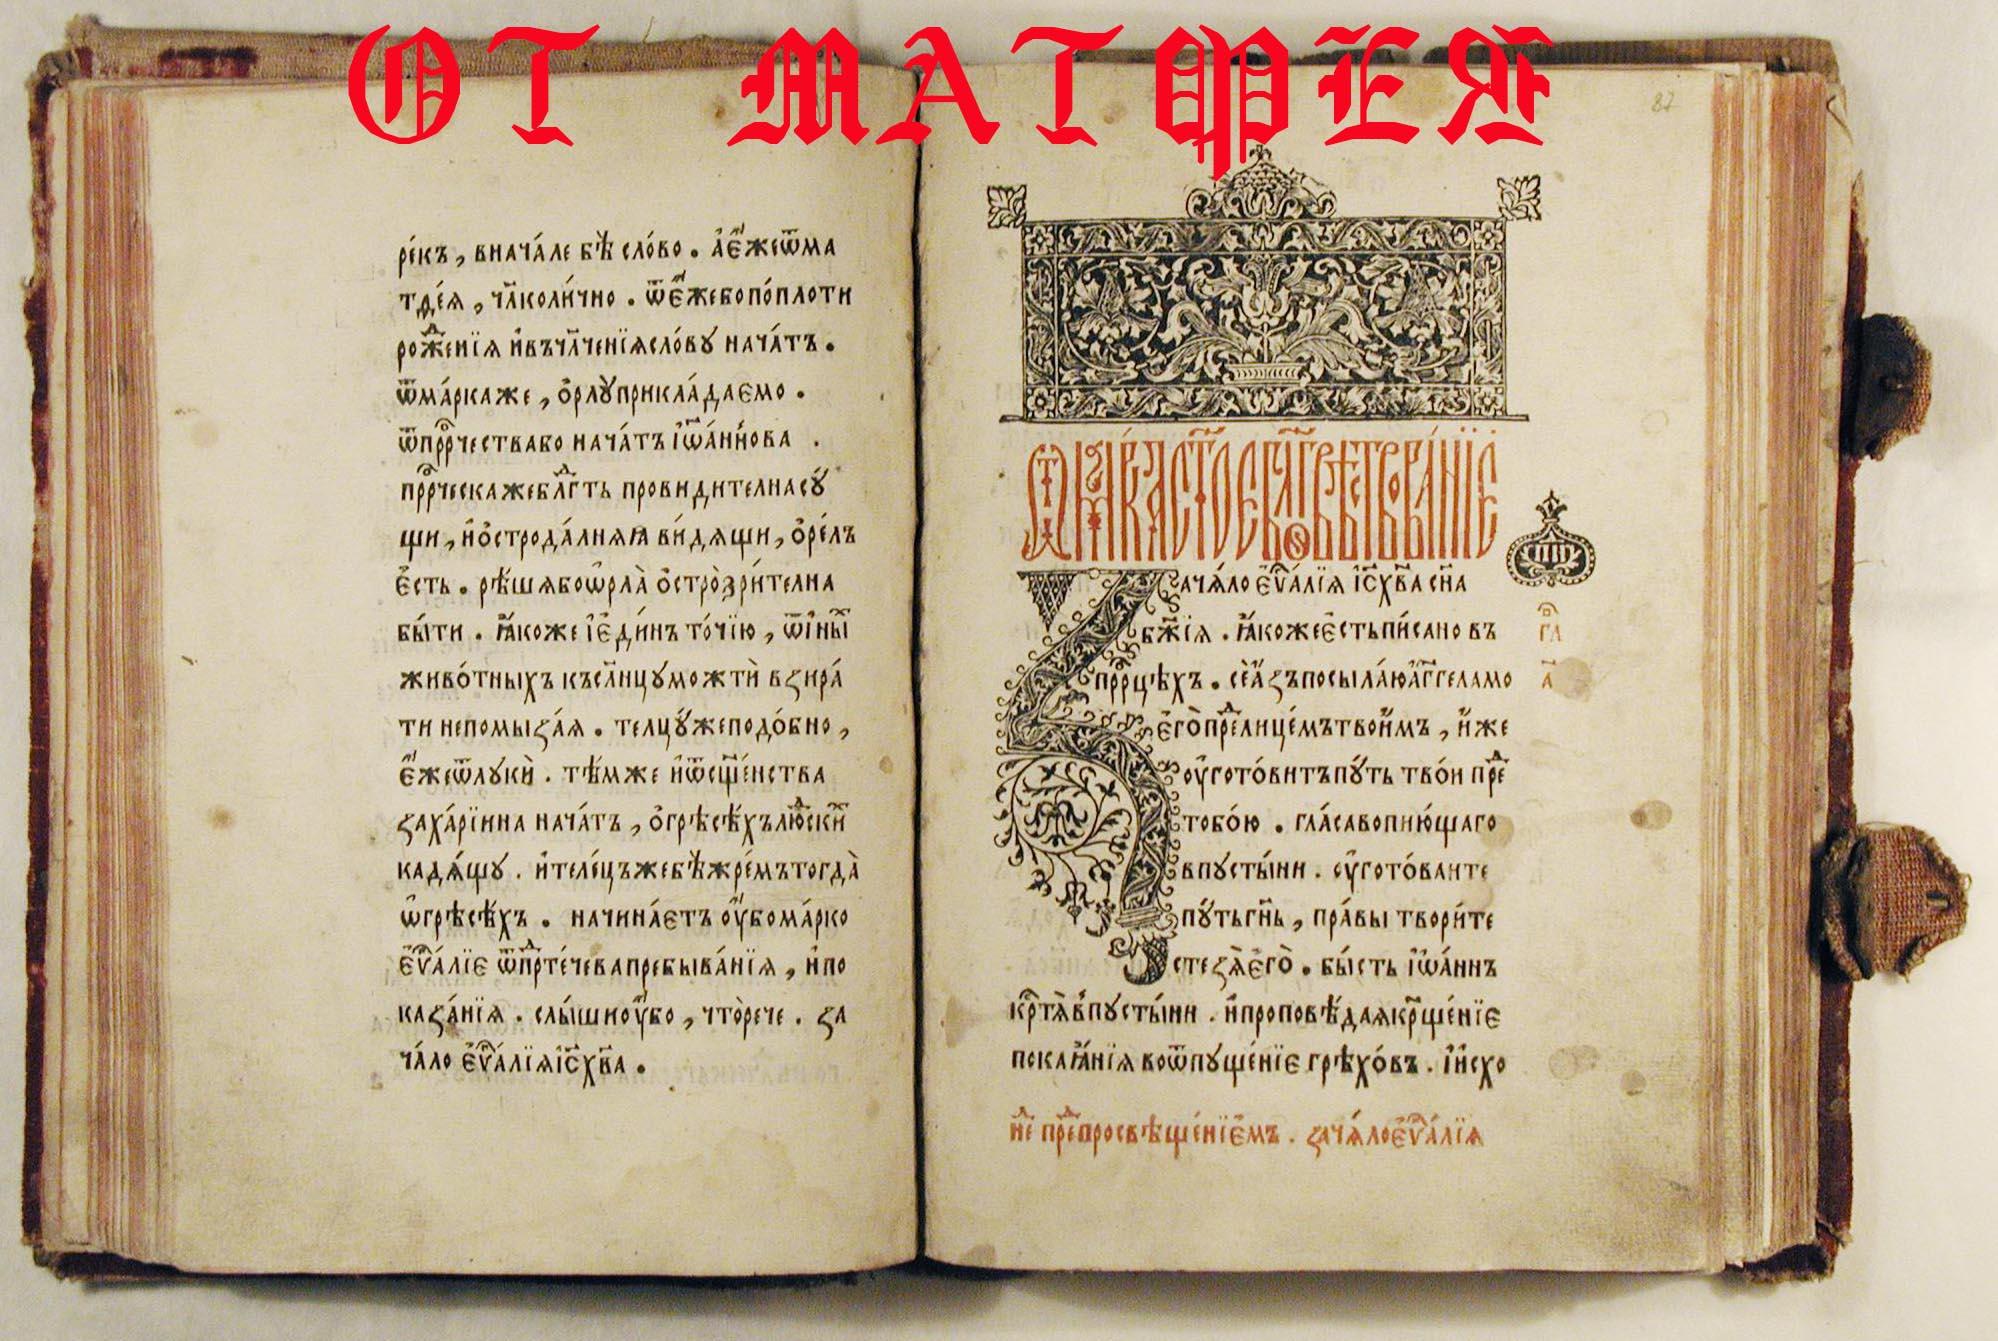 Евангелие от матфея скачать книгу